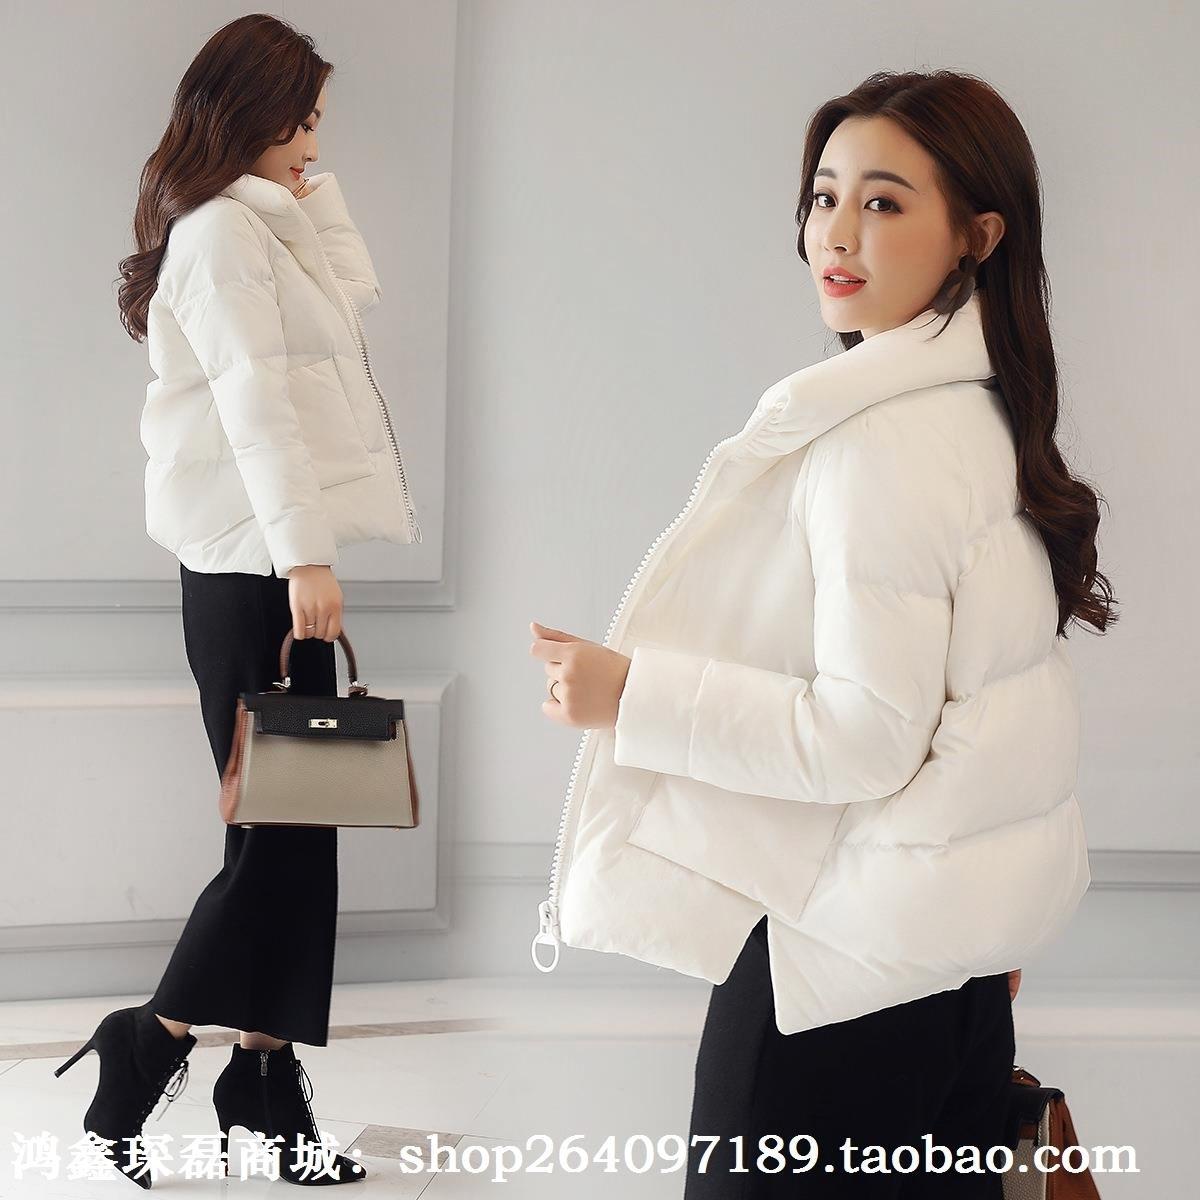 短款棉衣棉服新款2018潮流韩版时尚立领a短款女装气质加厚女装朝。